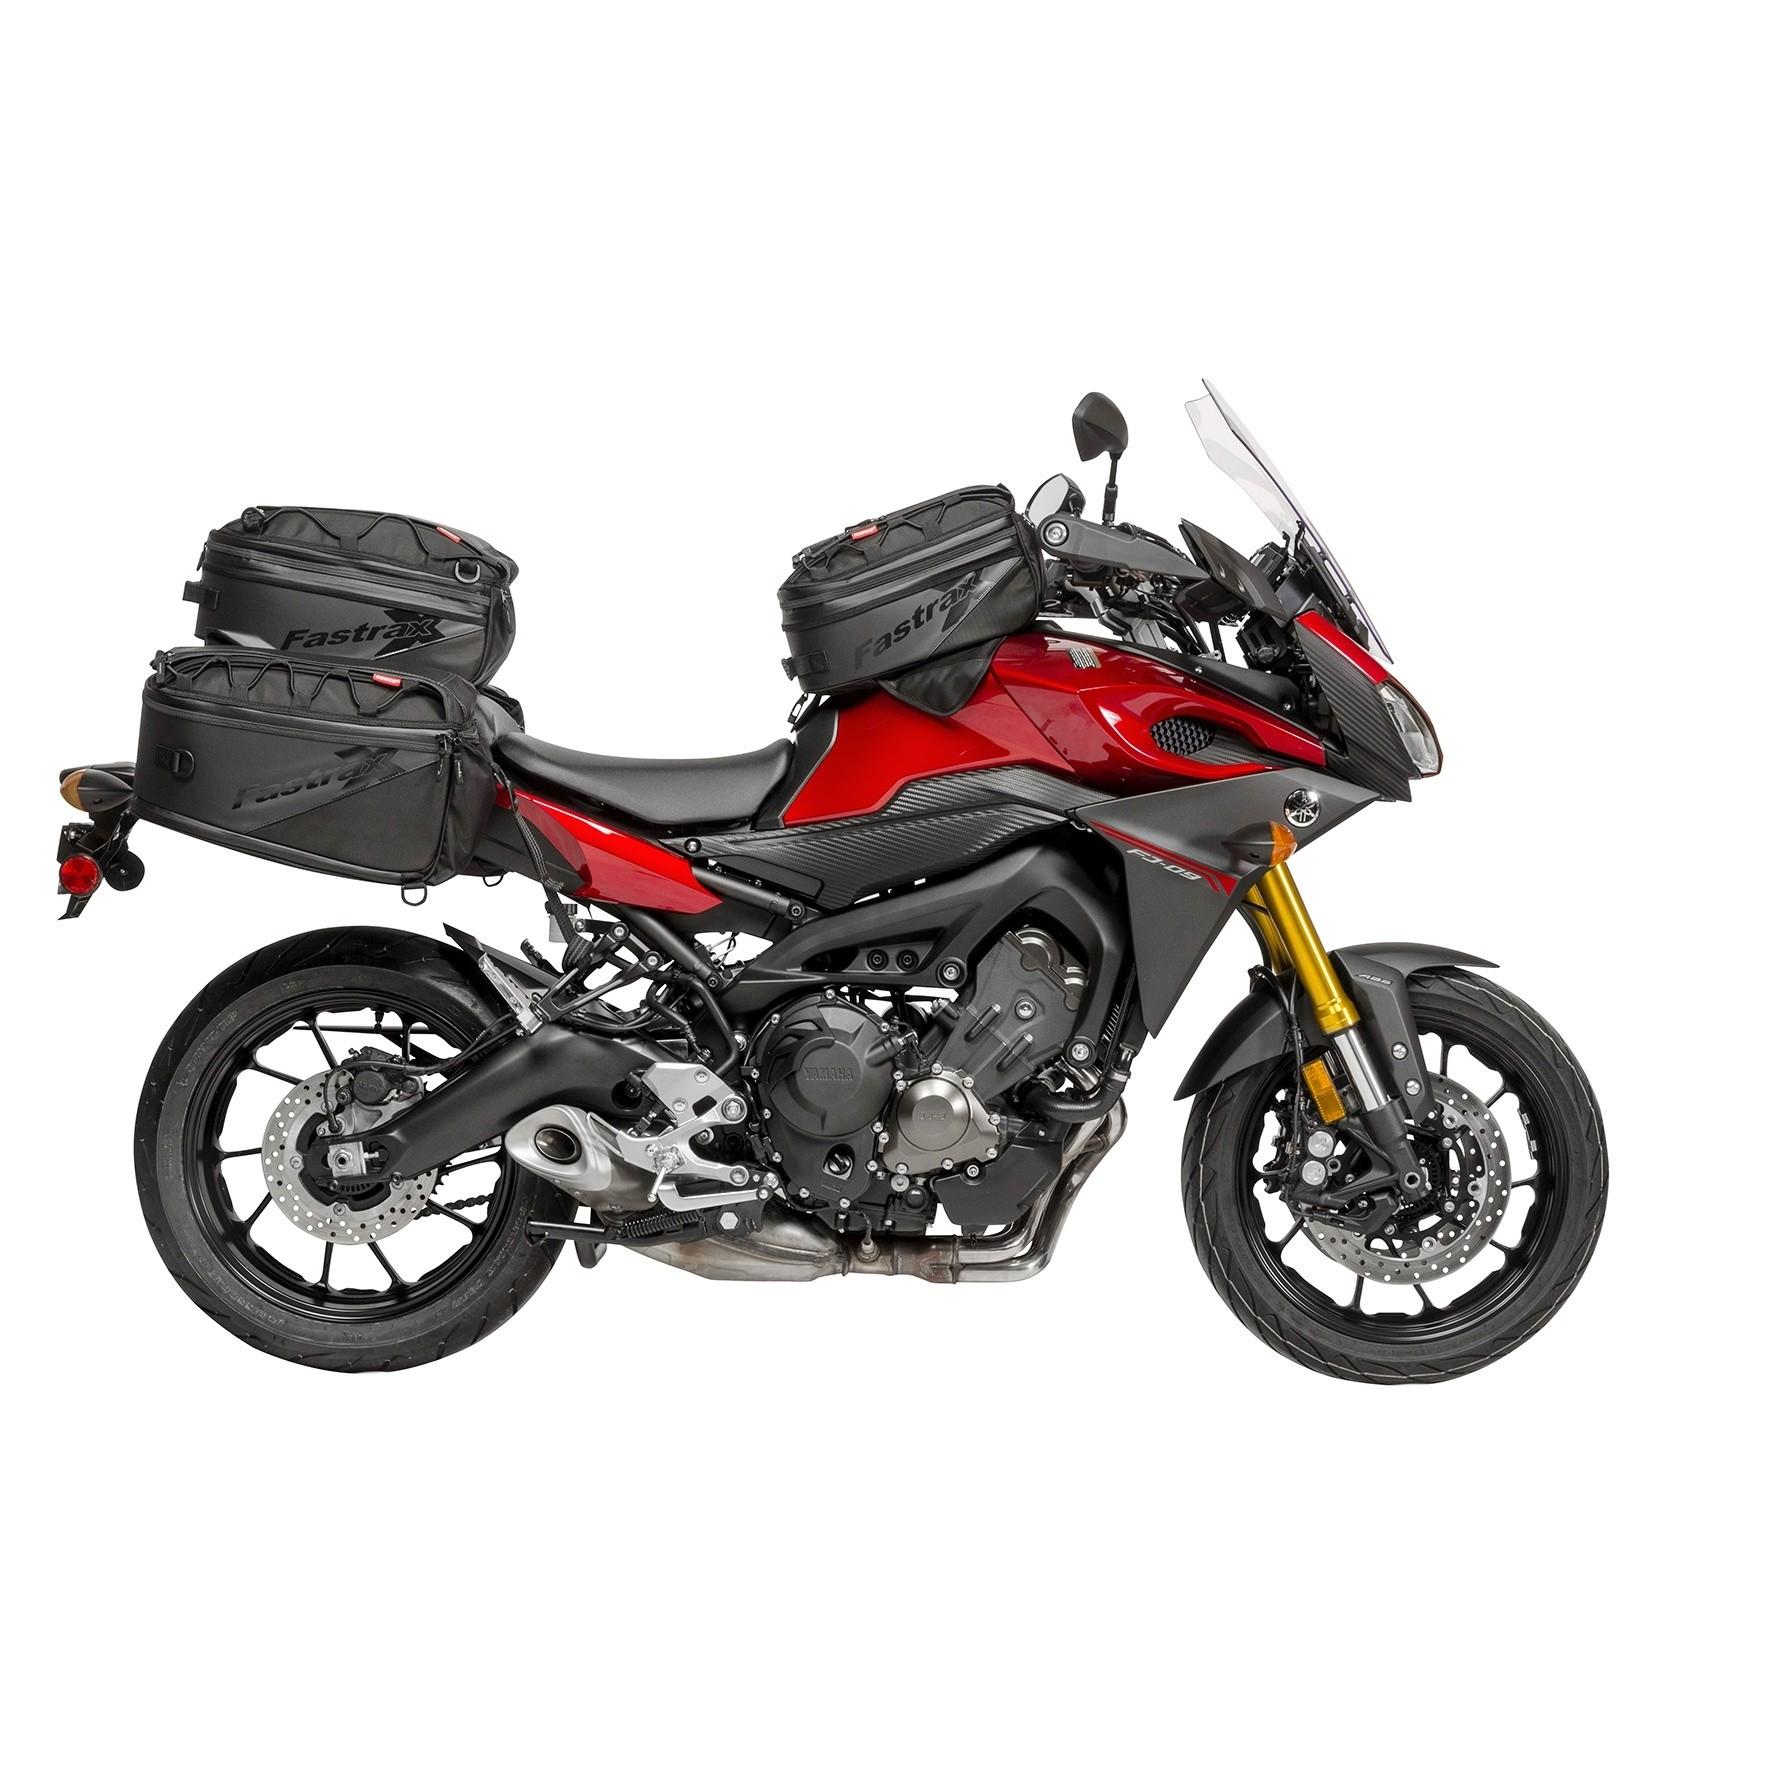 Dowco Fastrax Tank Bag, Tail Bag and Saddlebags on a Yamaha FJ-09 Motorcycle